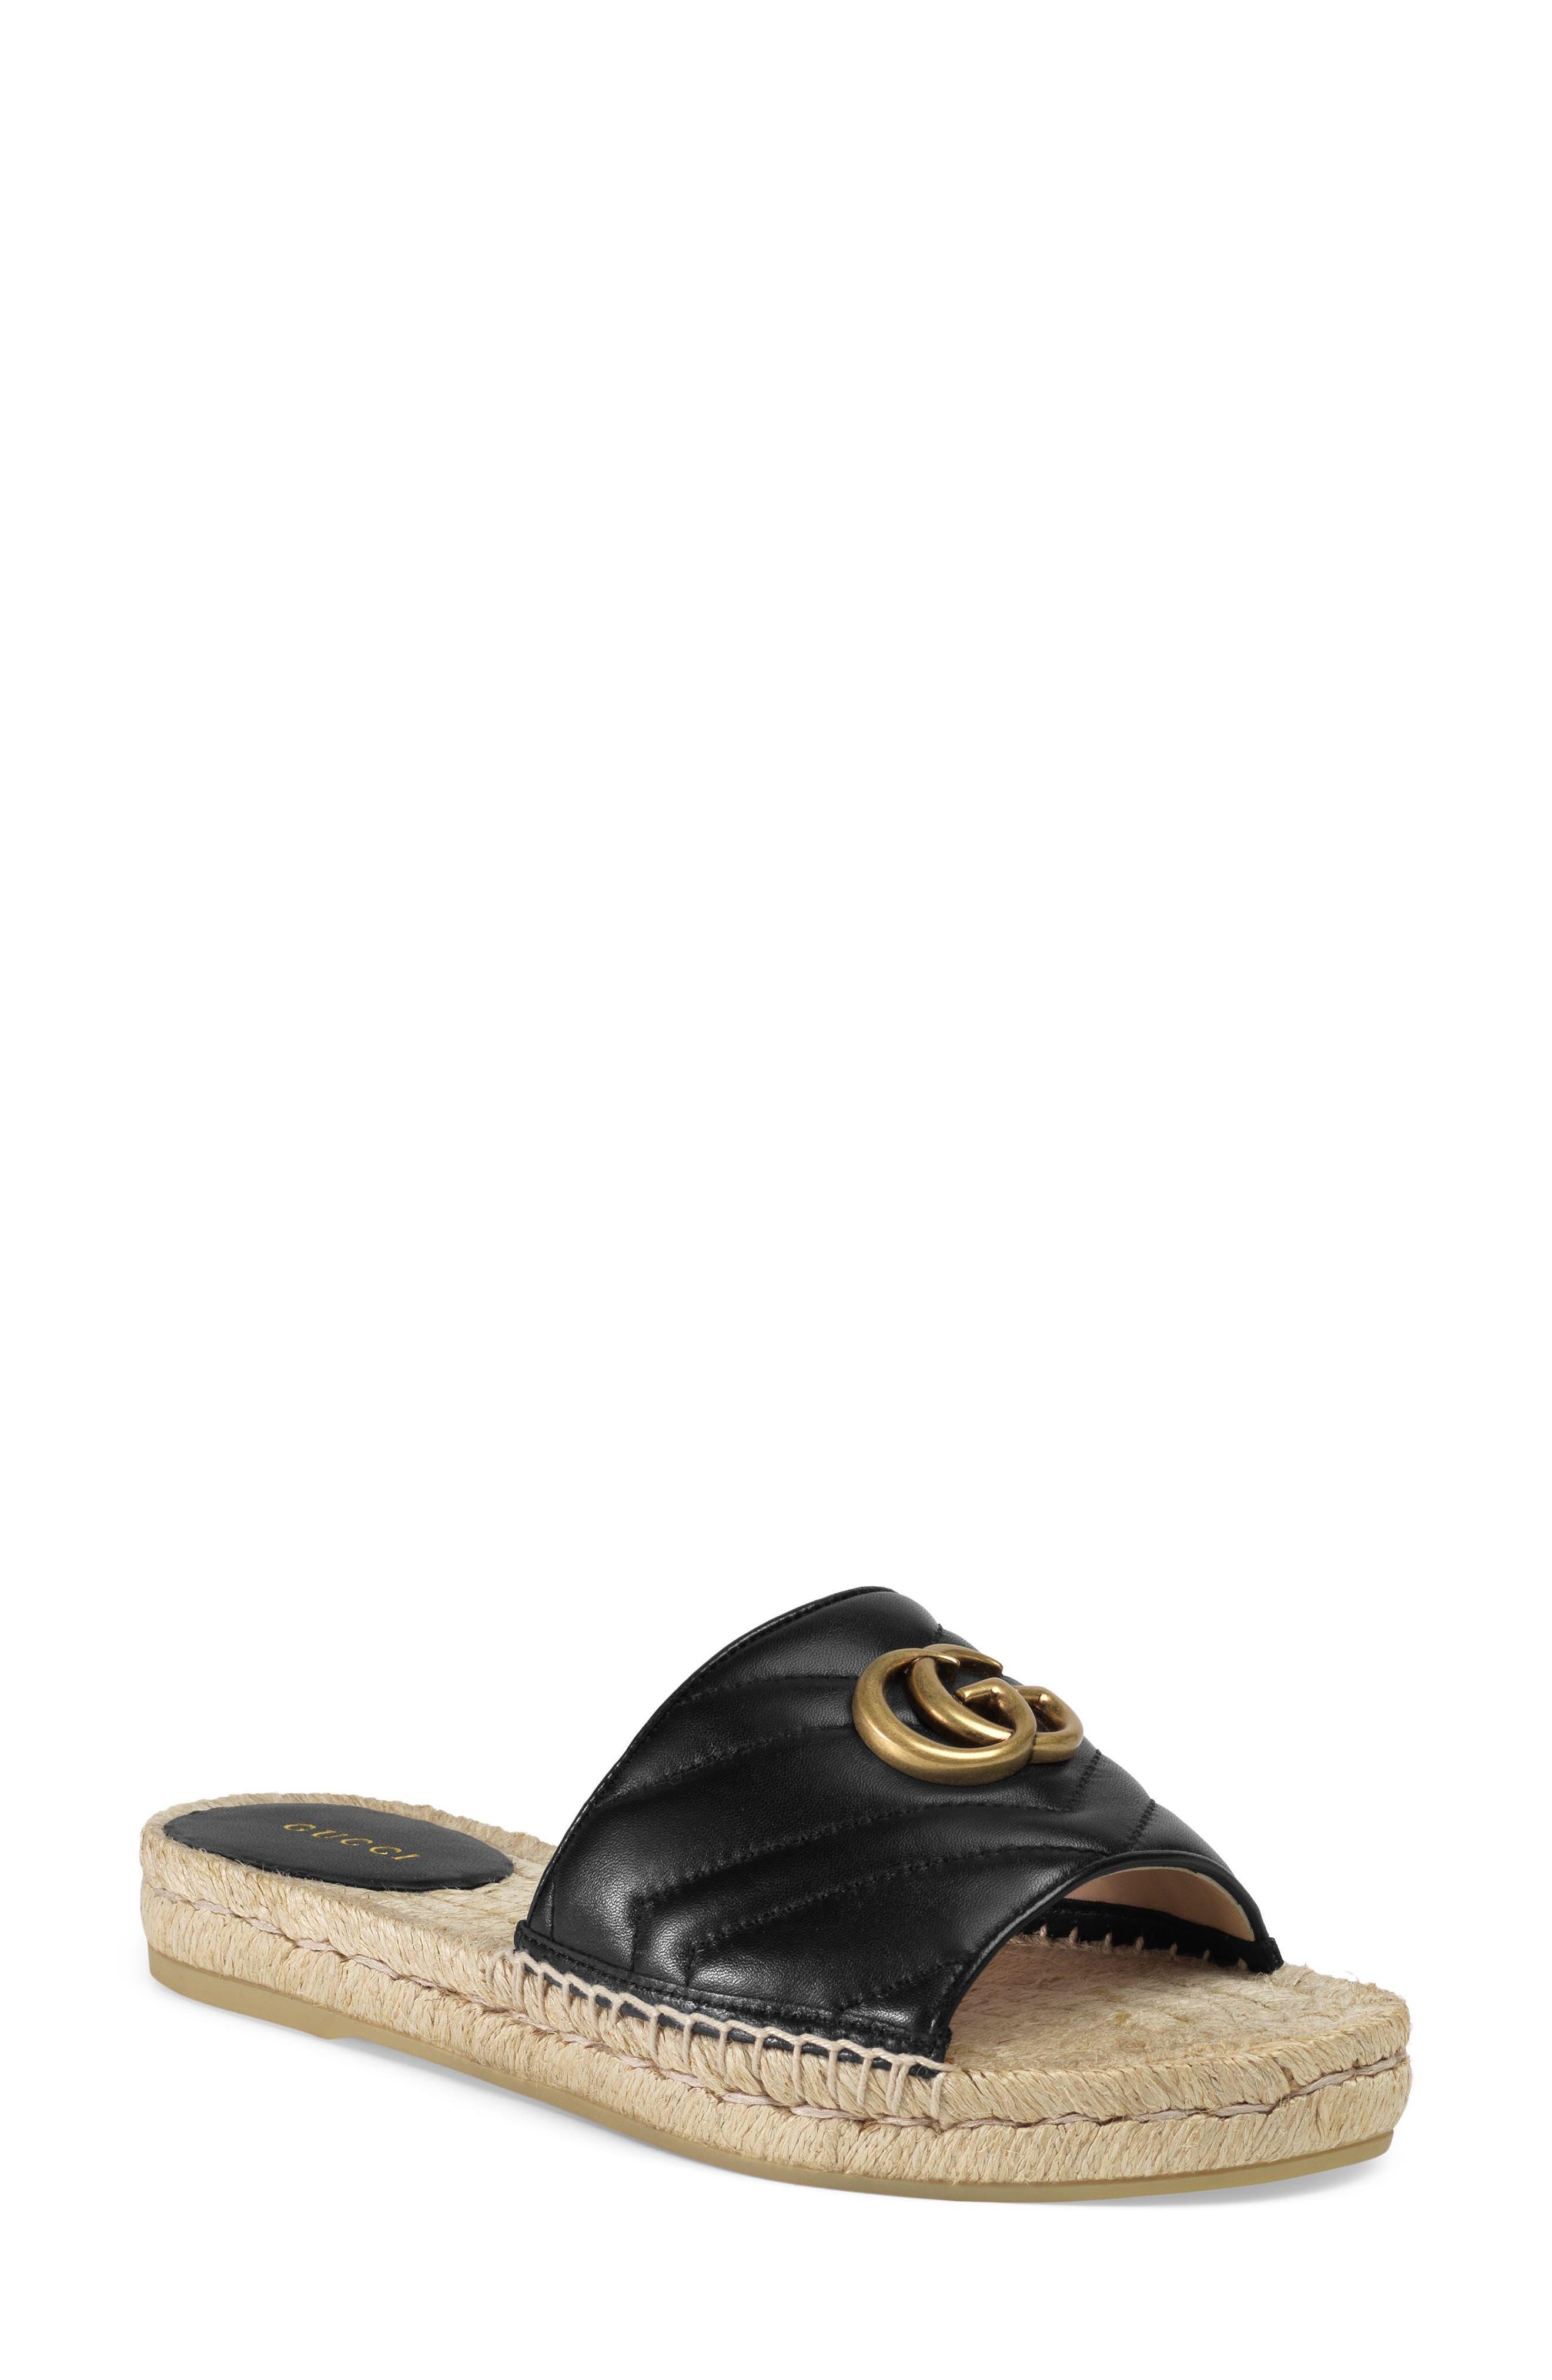 Pilar Espadrille Slide Sandal, Main, color, BLACK